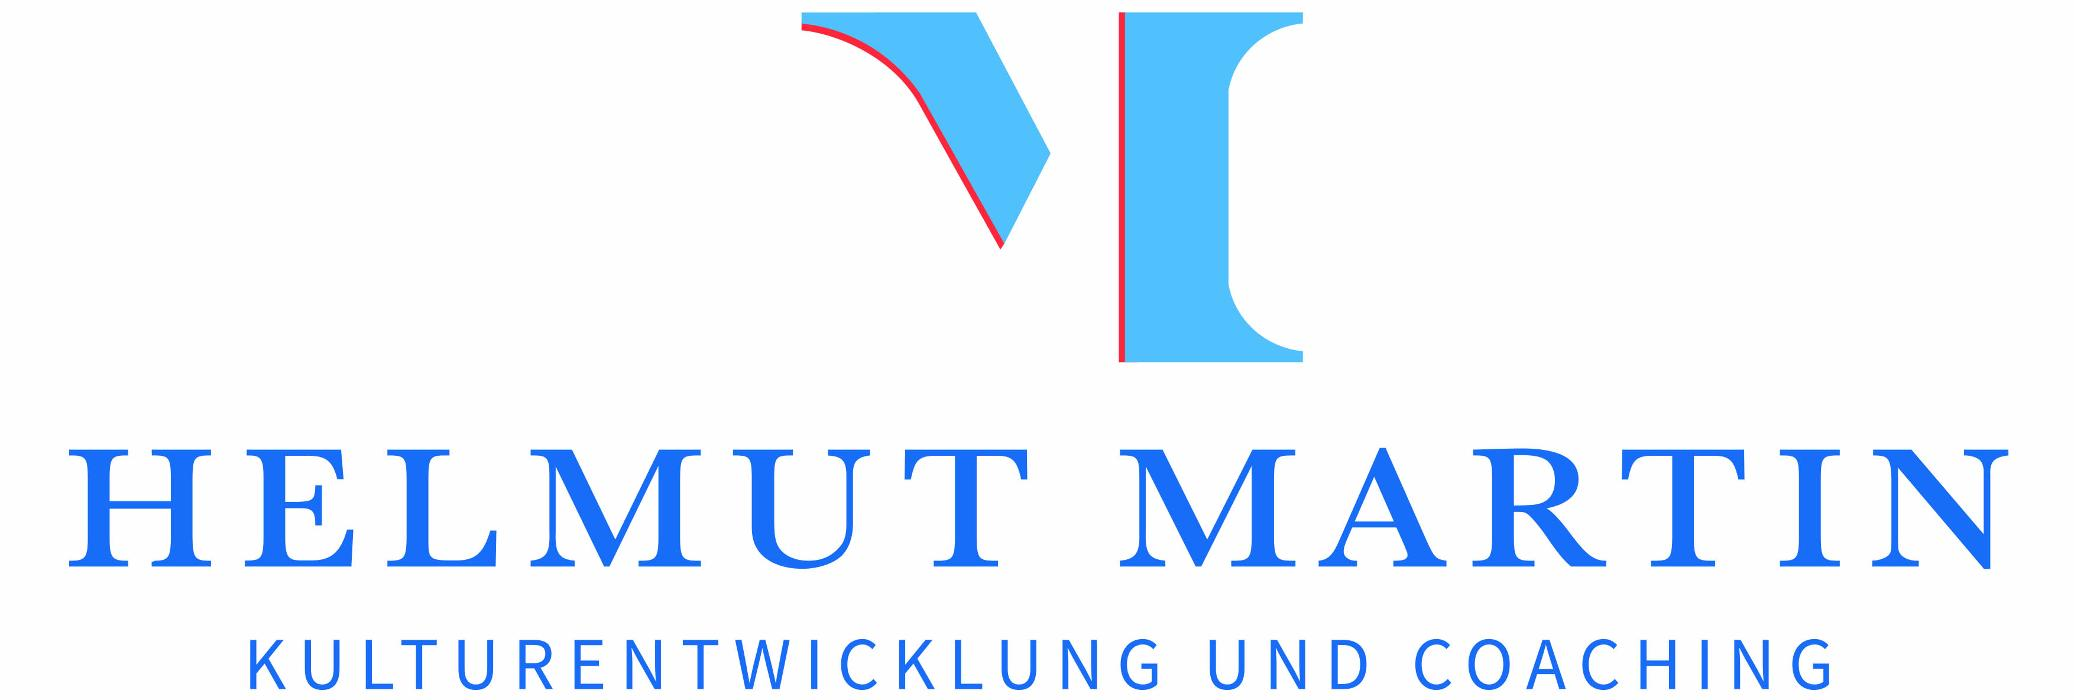 Bild zu Helmut Martin - Kulturentwicklung und Coaching in Würzburg